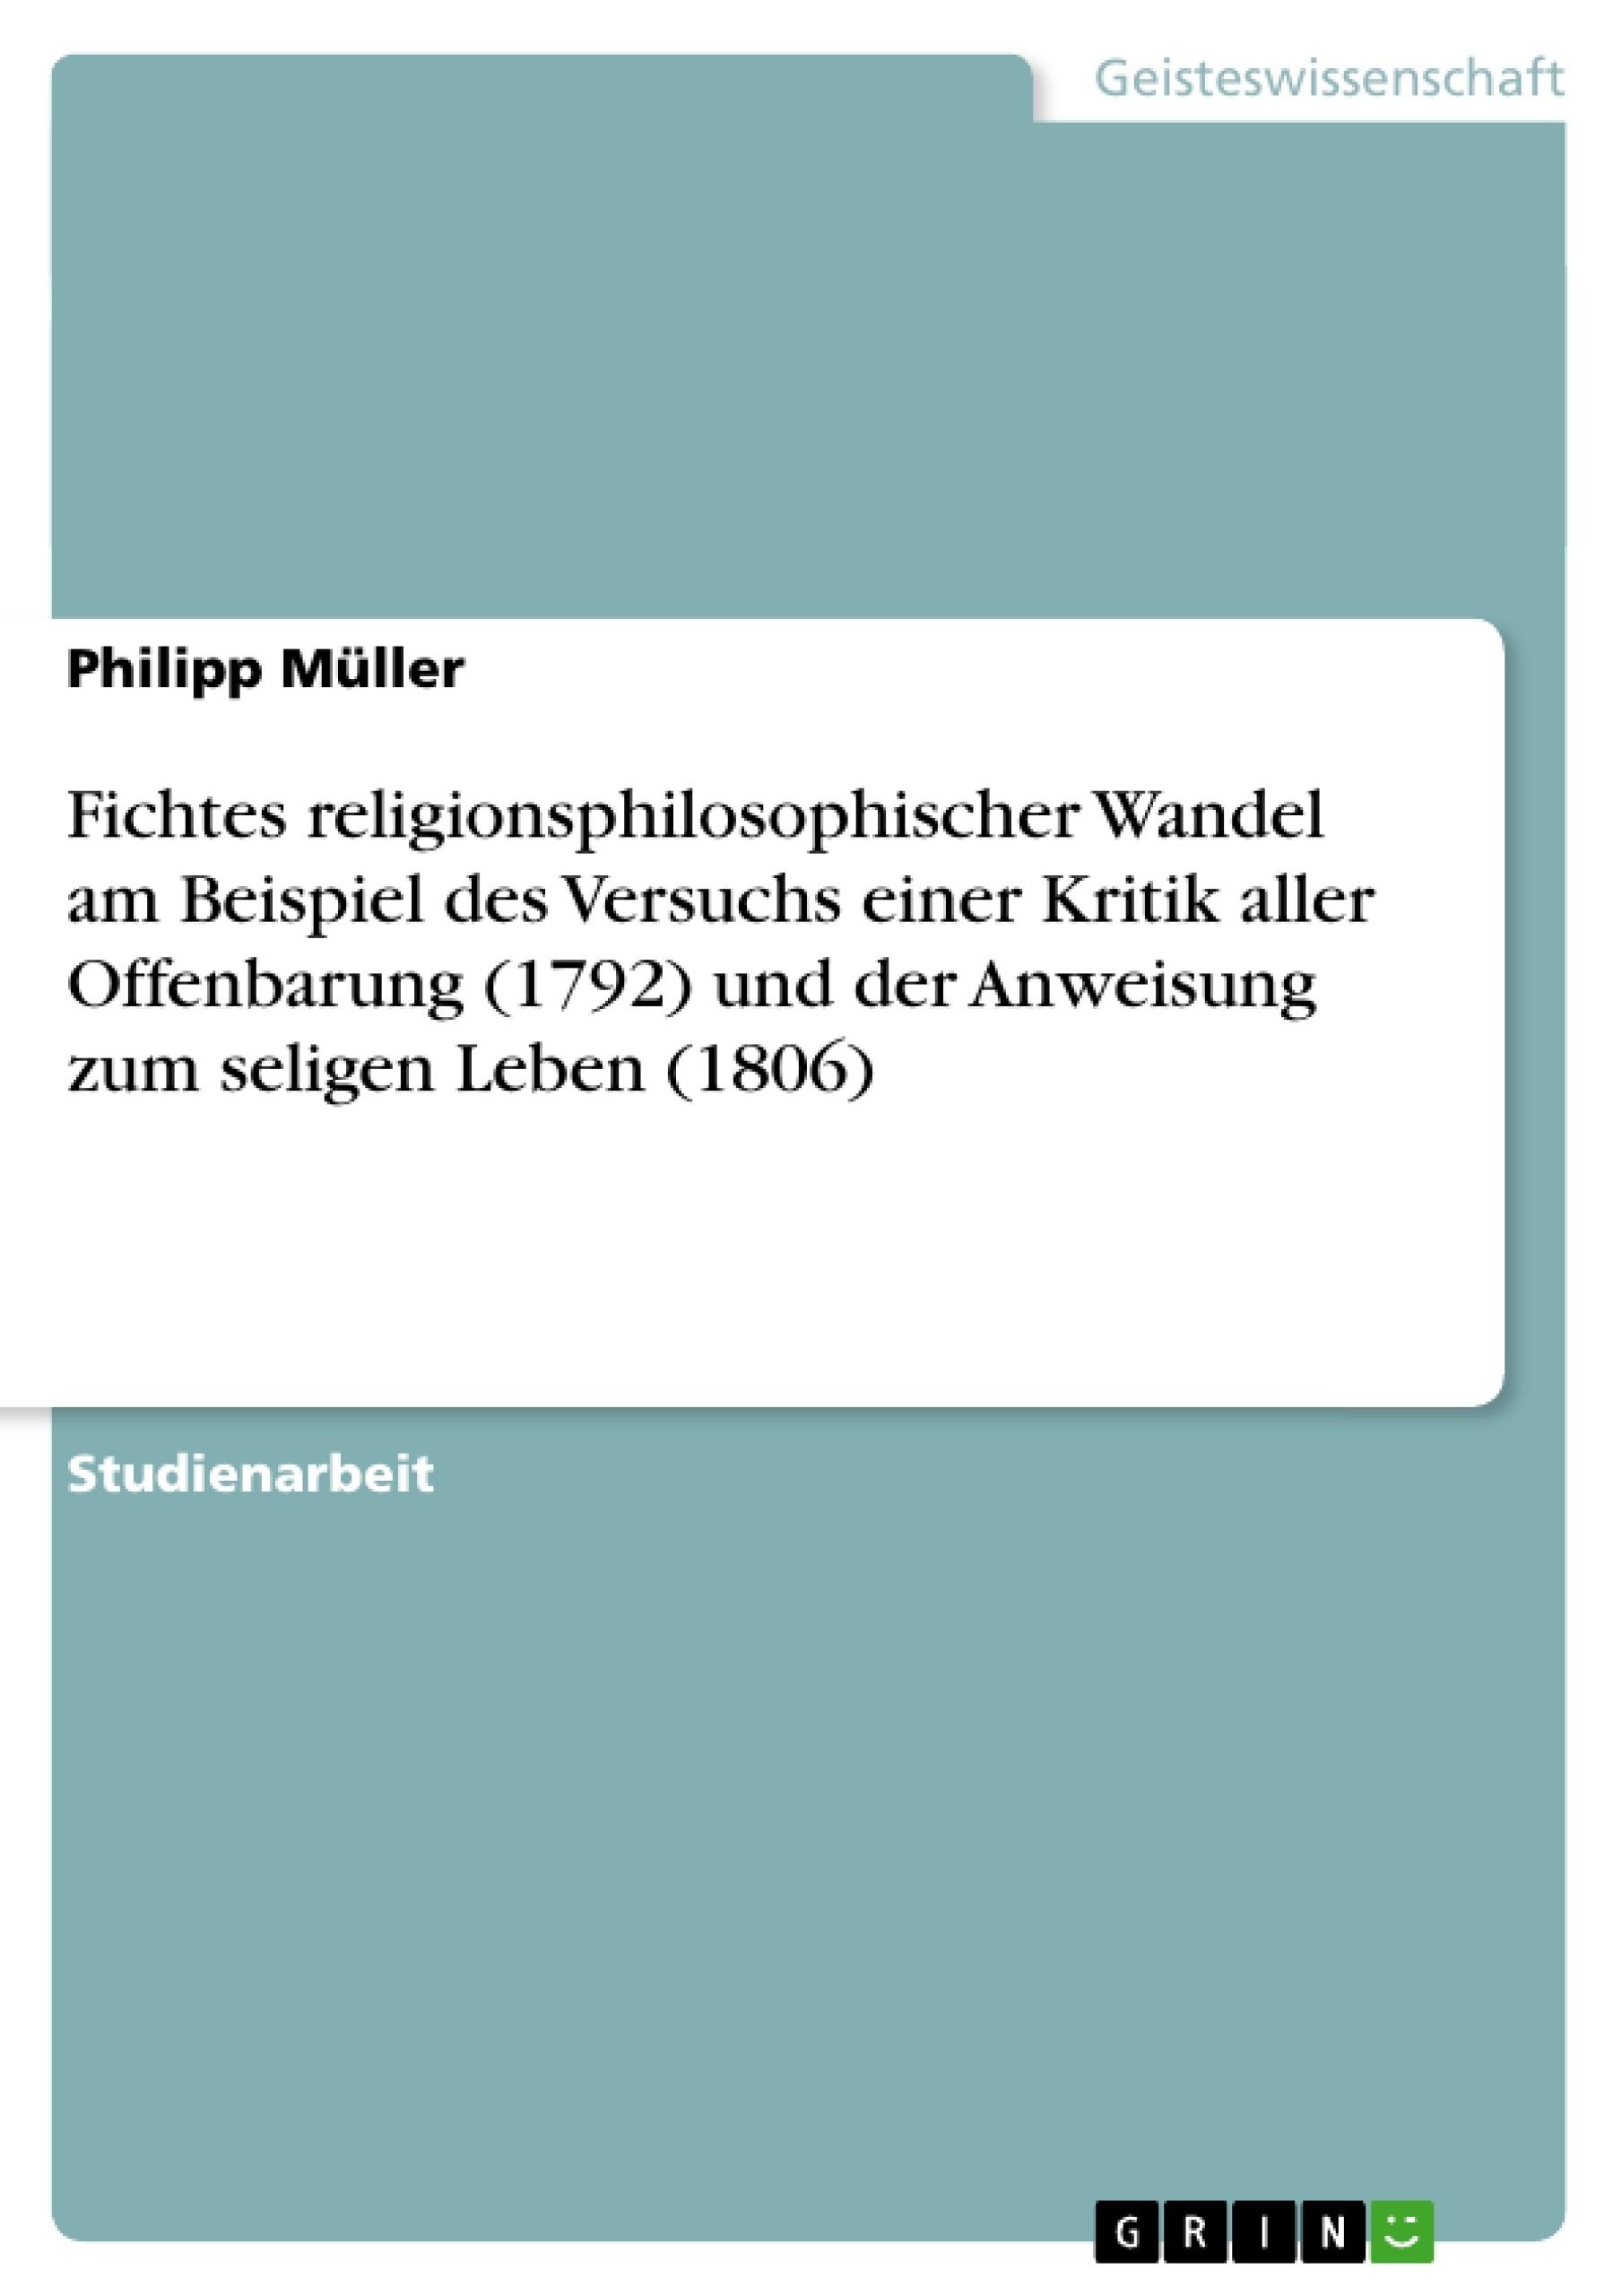 Titel: Fichtes religionsphilosophischer Wandel am Beispiel des Versuchs einer Kritik aller Offenbarung (1792) und der Anweisung zum seligen Leben (1806)